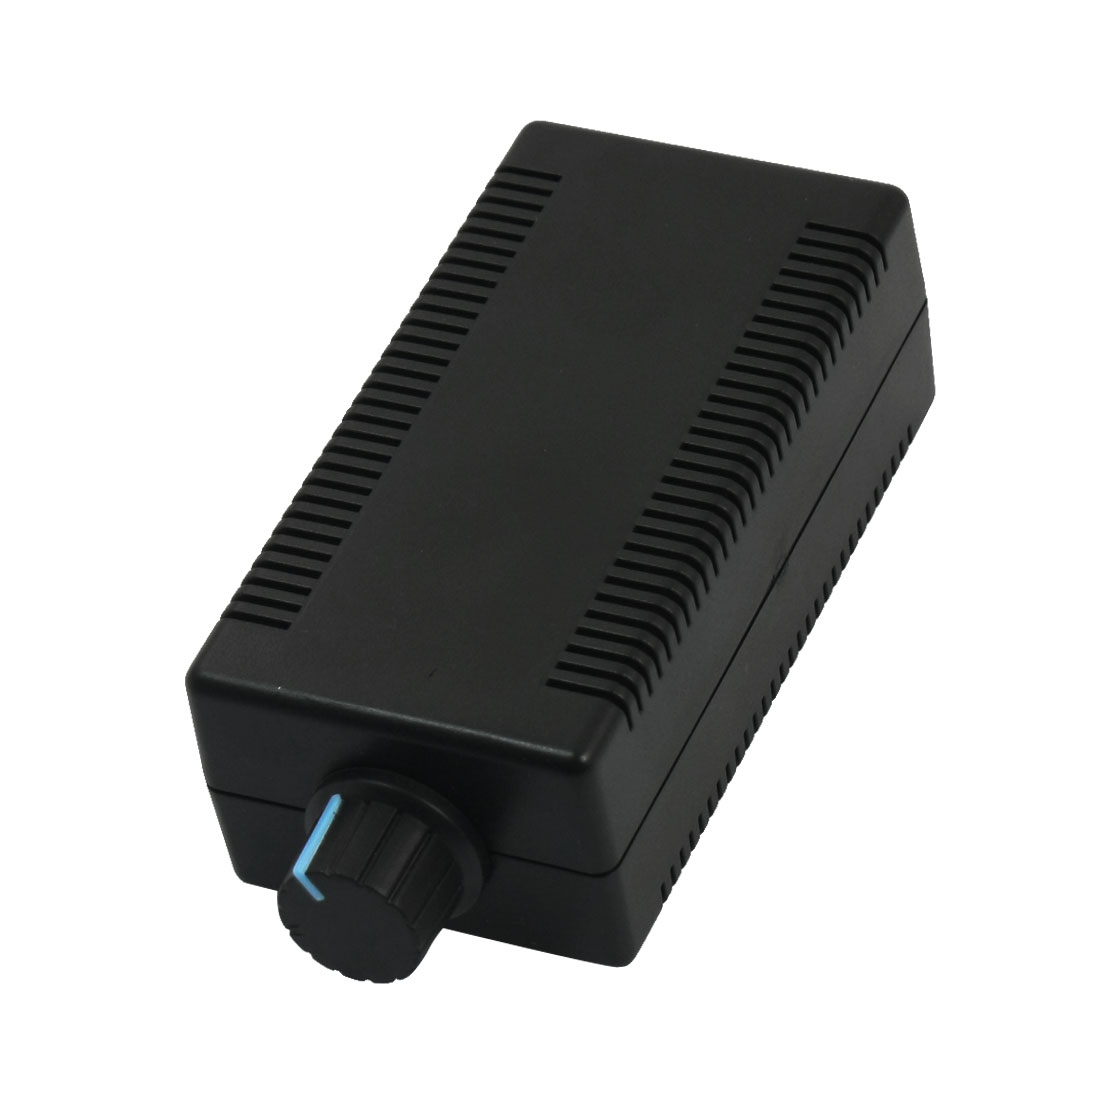 CCM9N DC10-50V 30A 1000W PWM DC Motor Speed Controller Control Switch